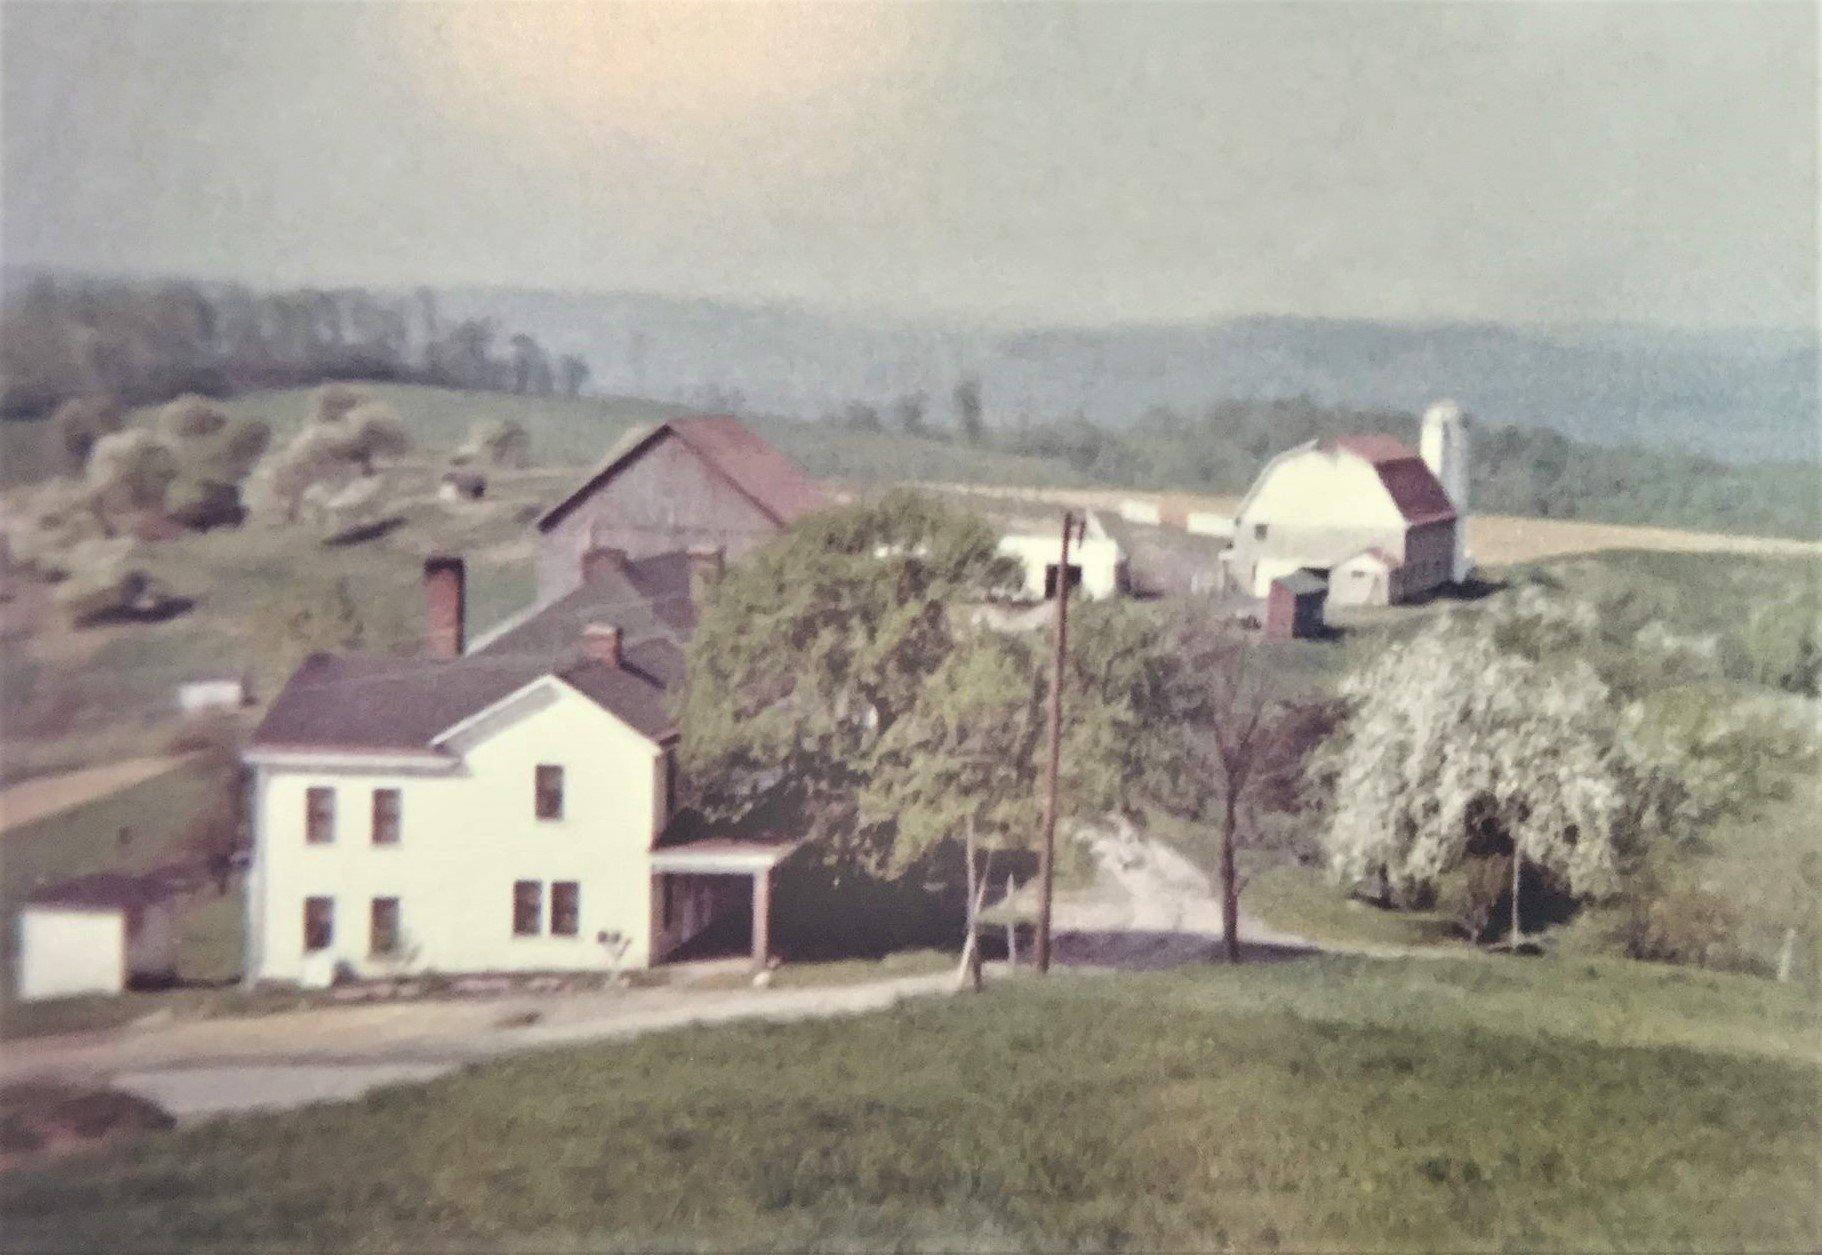 Marshall County Poor Farm (Photo courtesy James and Eva Parsons)